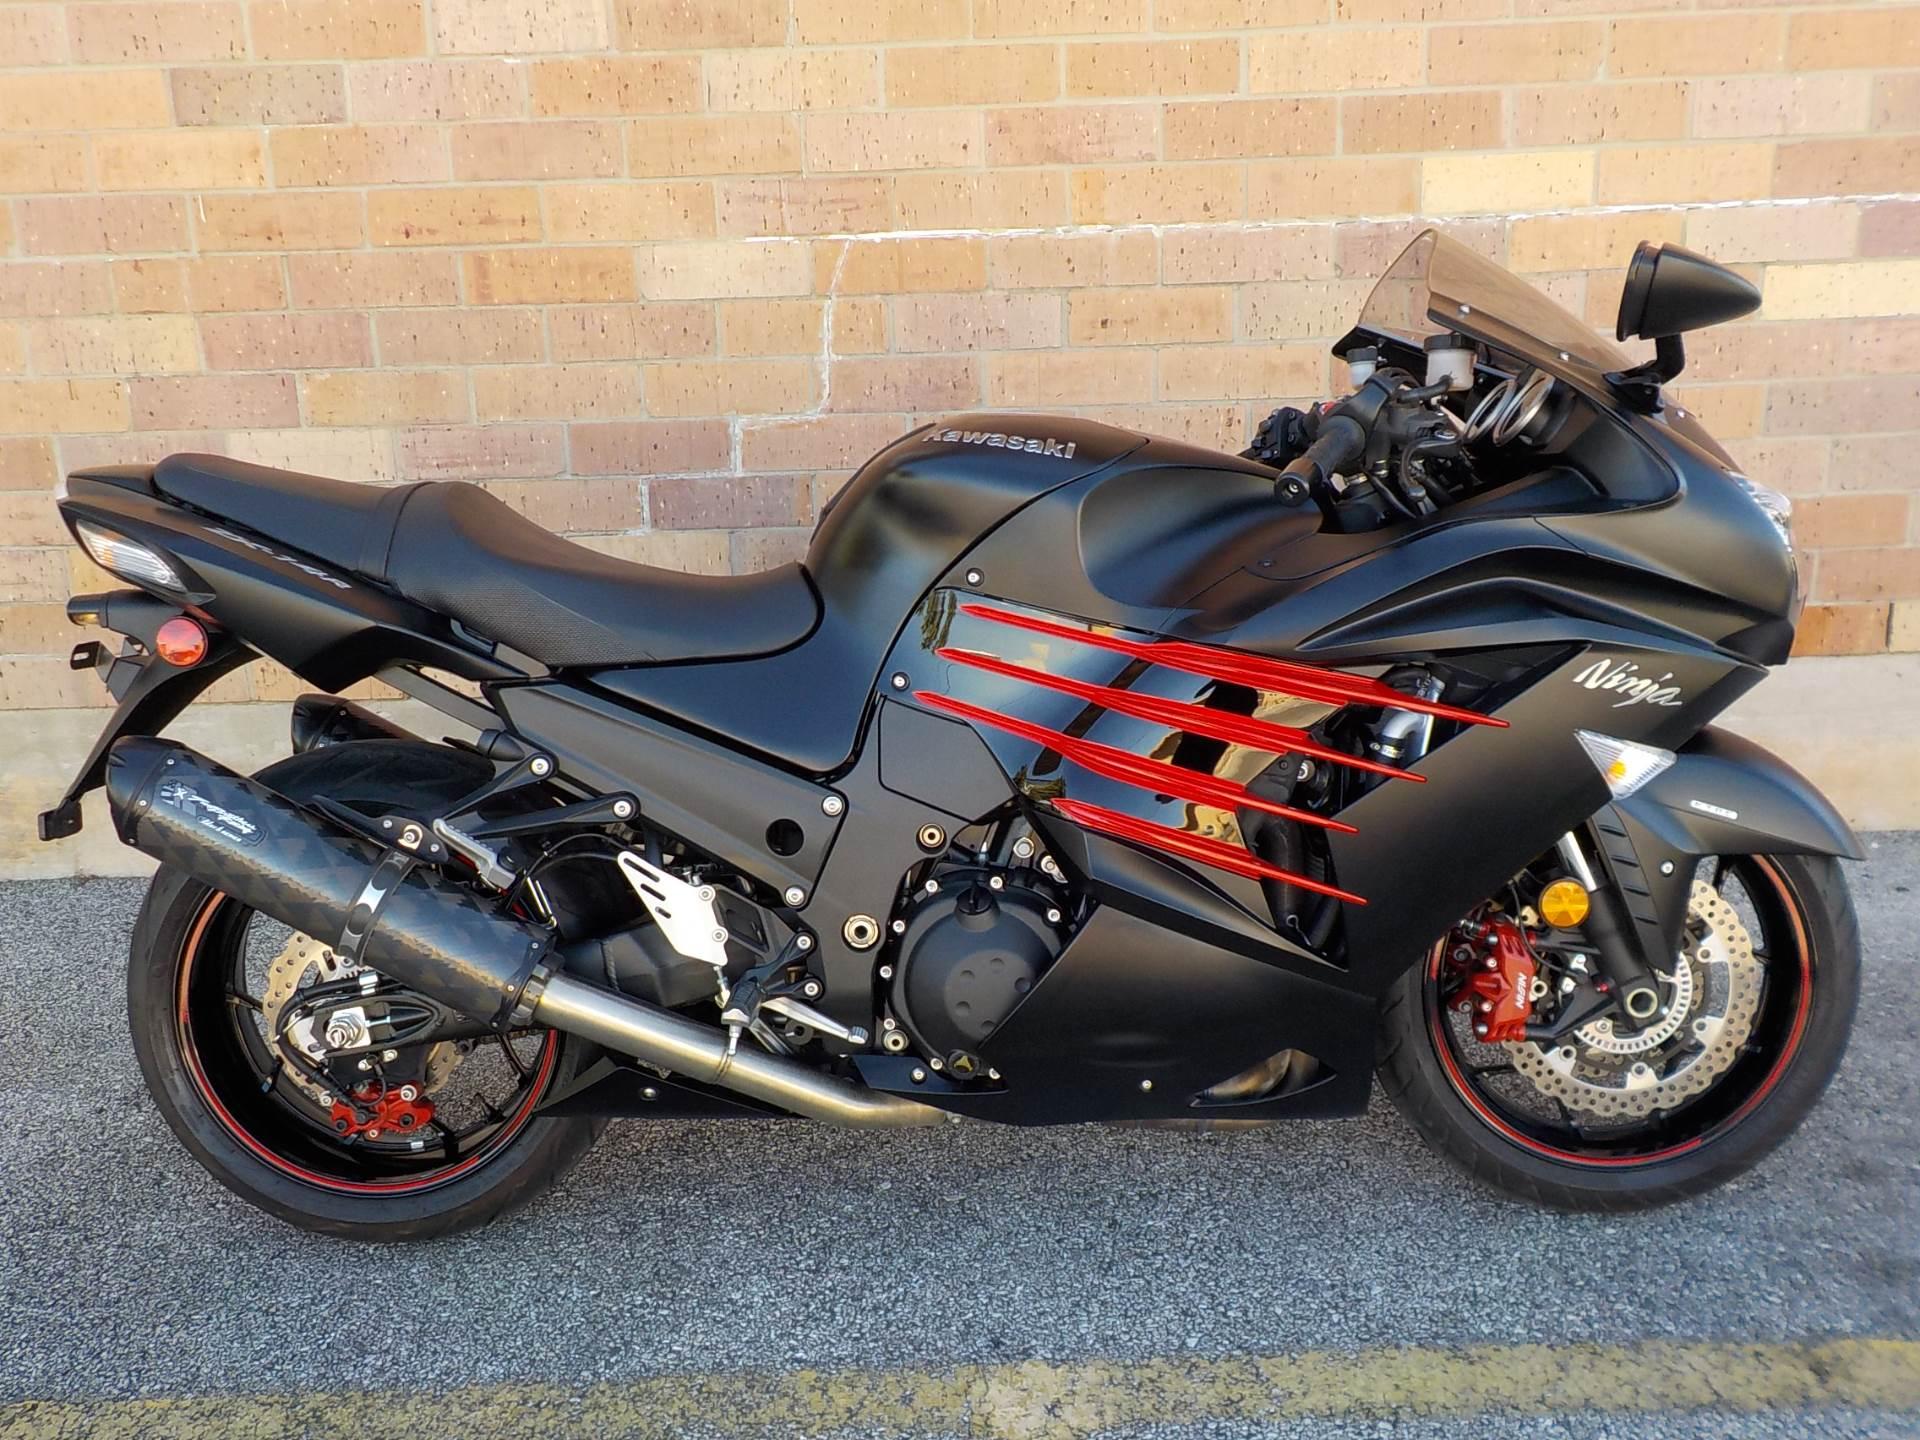 cars and bikes of Dhoni: ninja zx-14r